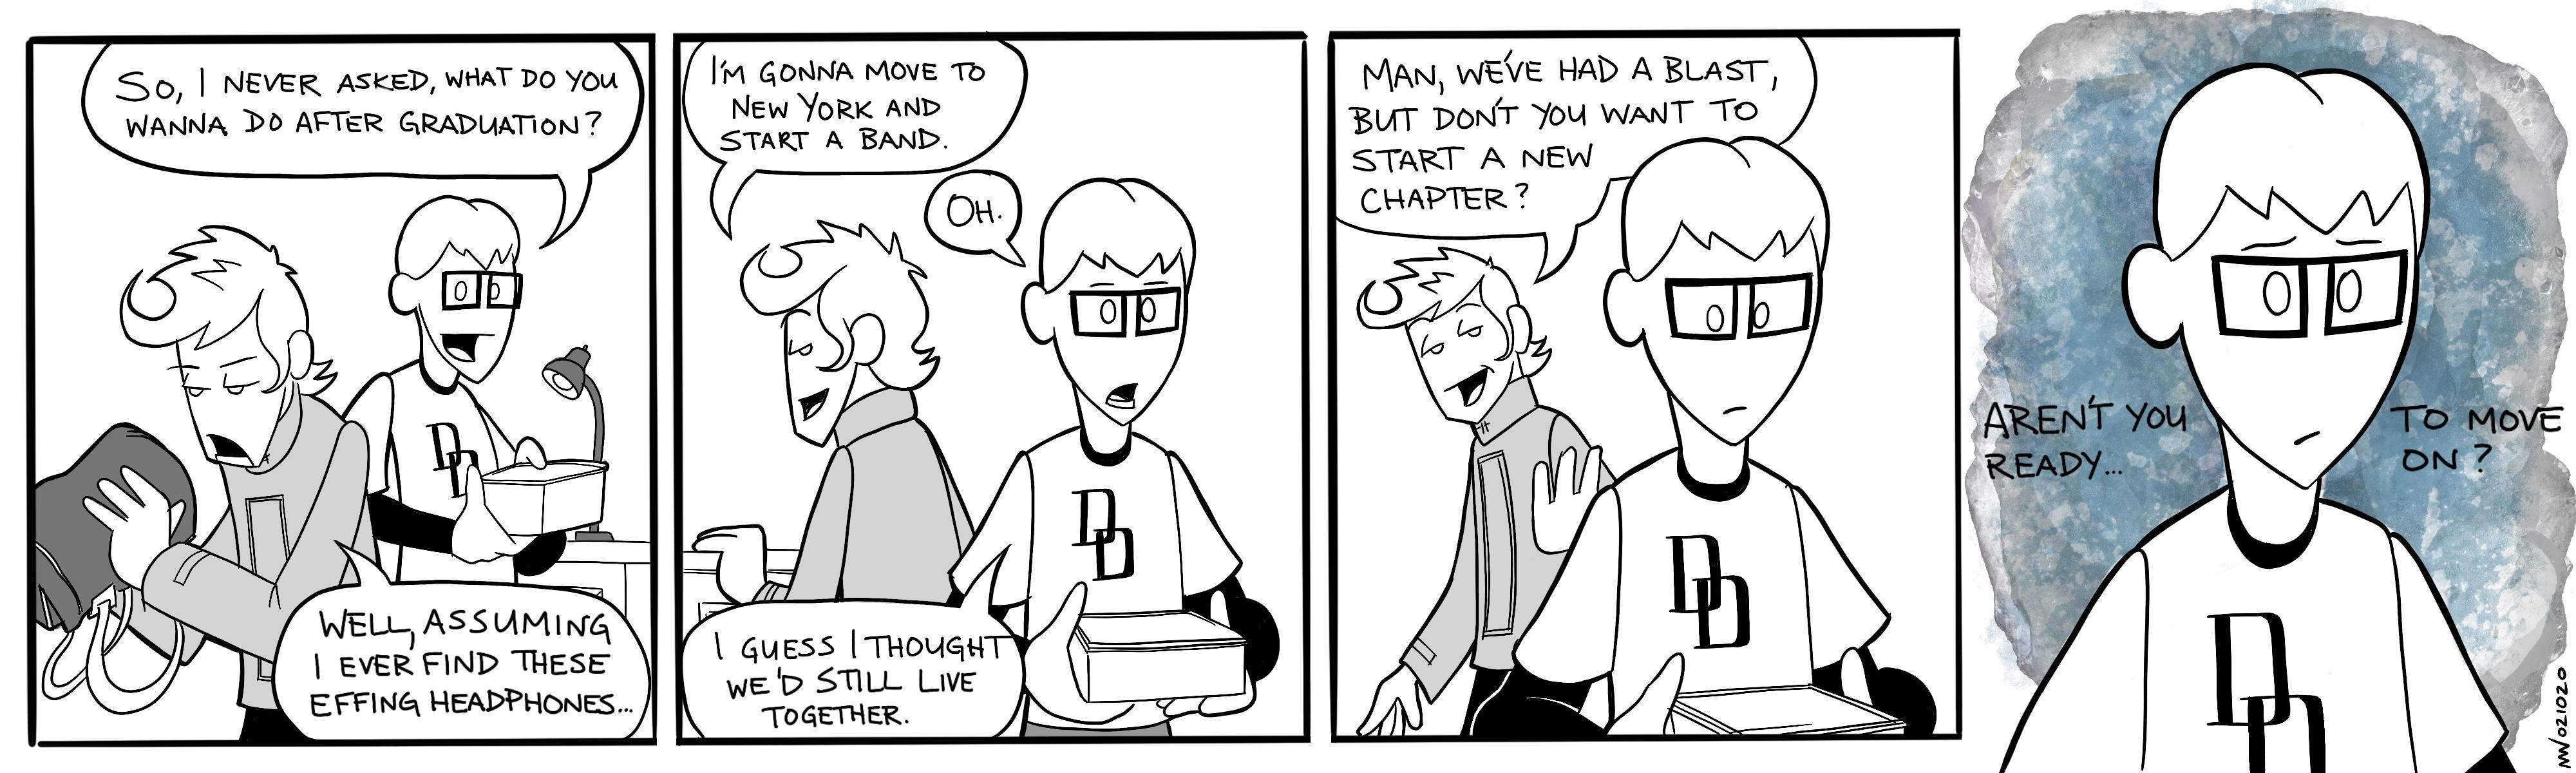 Tartar Sauce comic 169